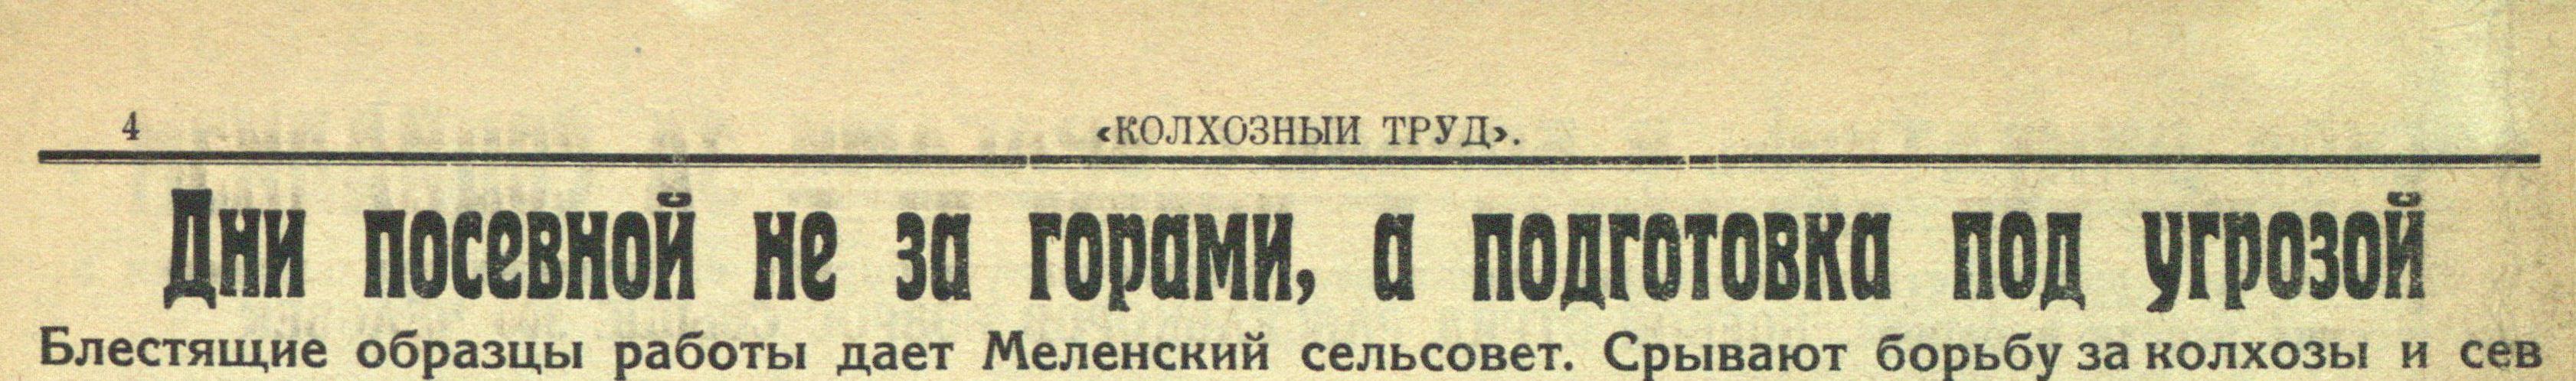 Меленск, Стародубский район, Стародубский уезд, Брянская область, Брянщина